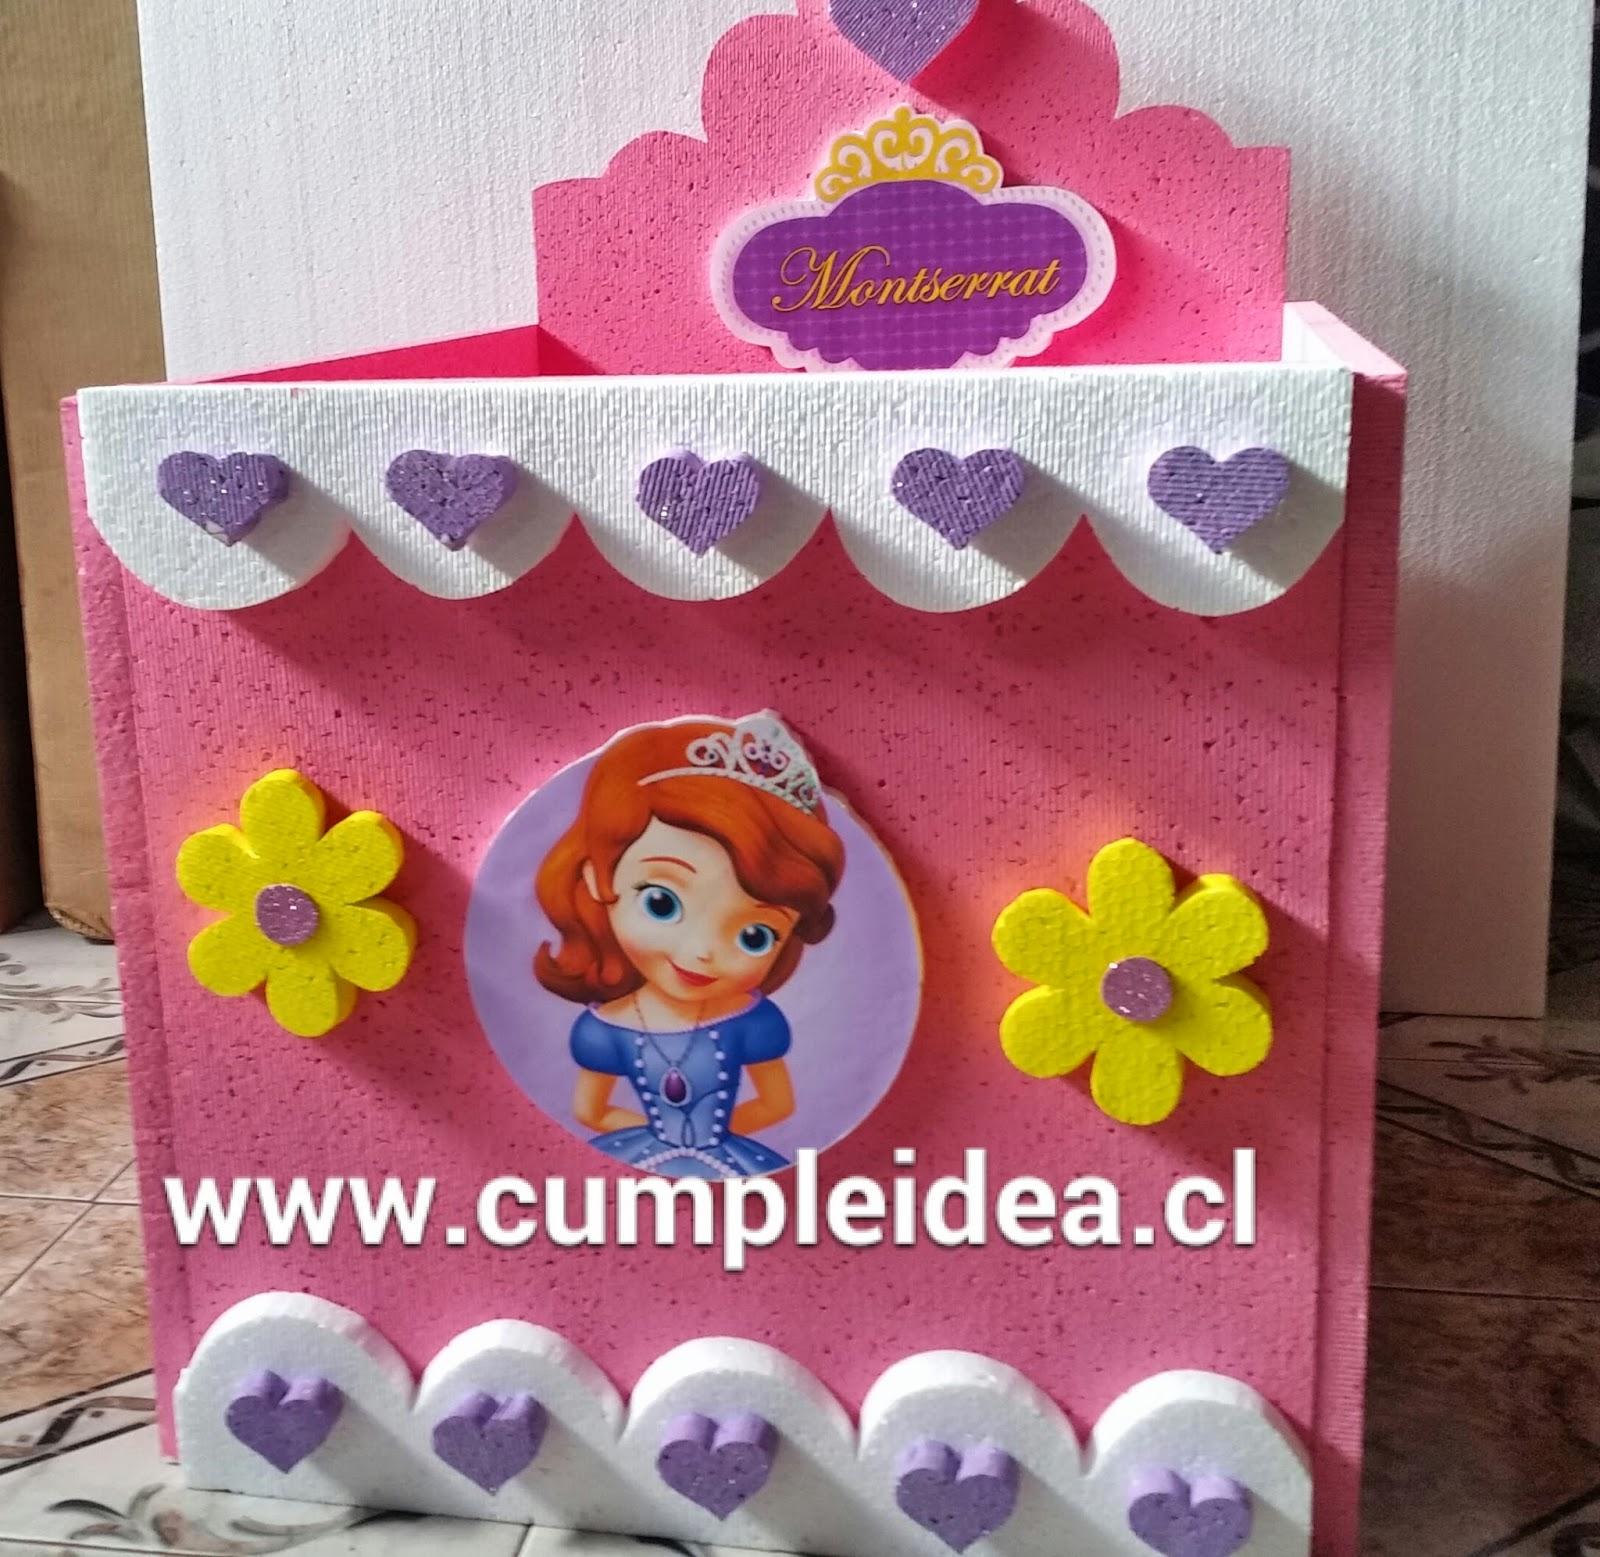 Decoraciones infantiles cajas para dejar regalos for Regalos para fiestas de cumpleanos infantiles